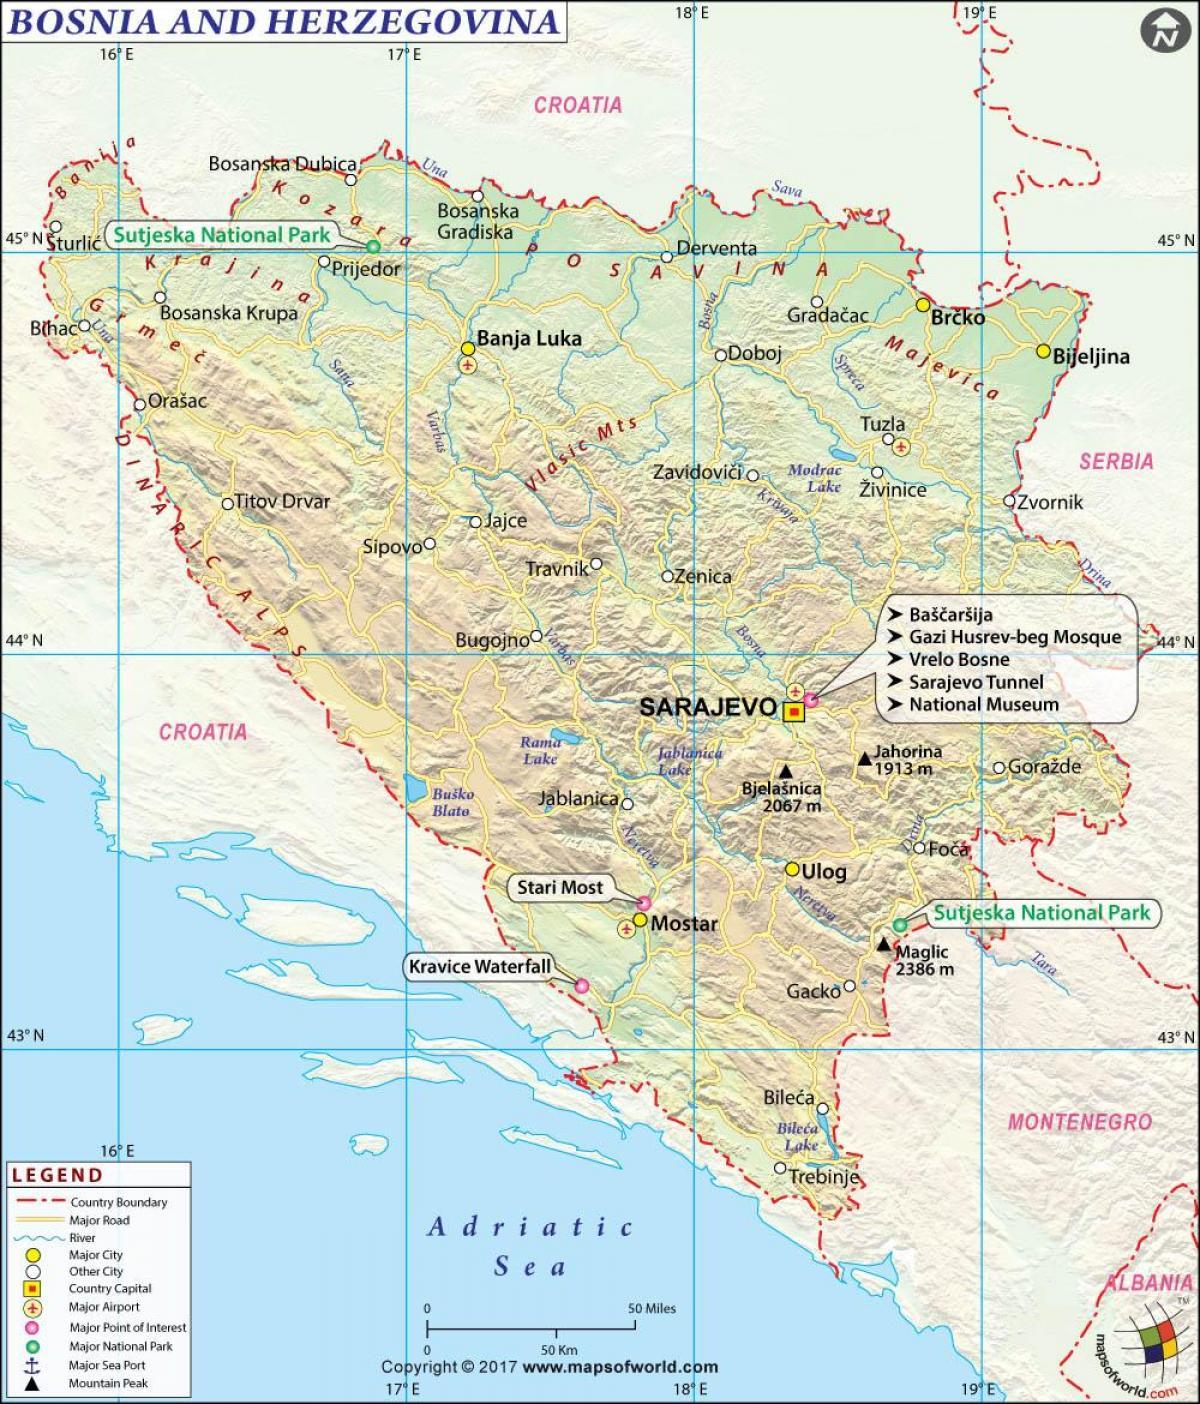 Terkep Bosznia Hercegovina Bosznia Hercegovina Terkepe Del